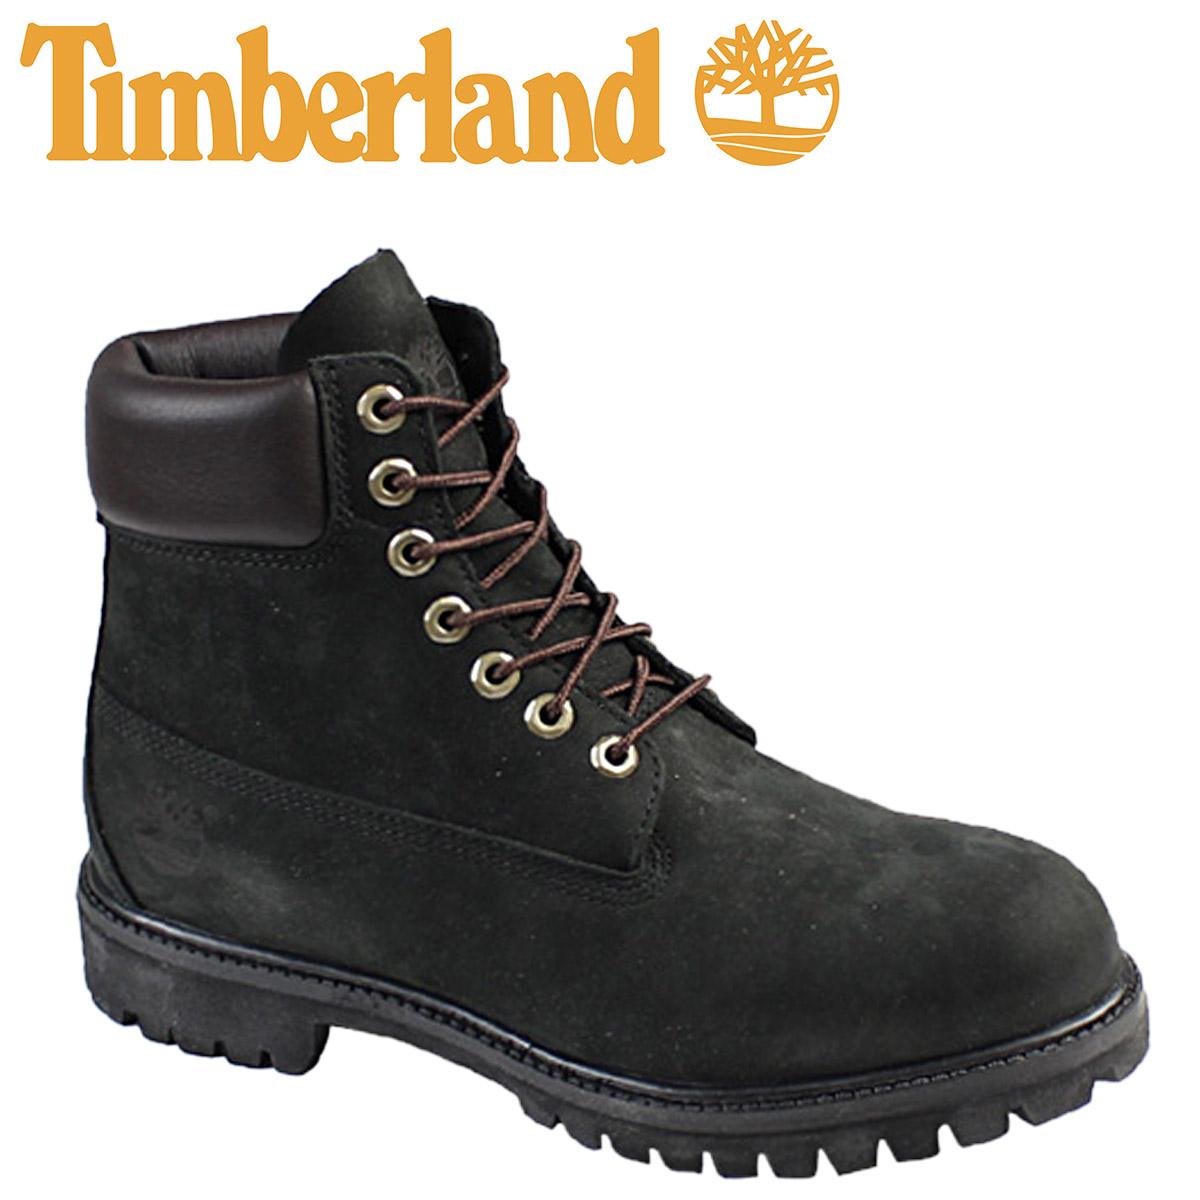 24f0ae51399 6 inches of Timberland Timberland premium waterproof boots black black  44520 6inch Premium Waterproof Boot nubuck men